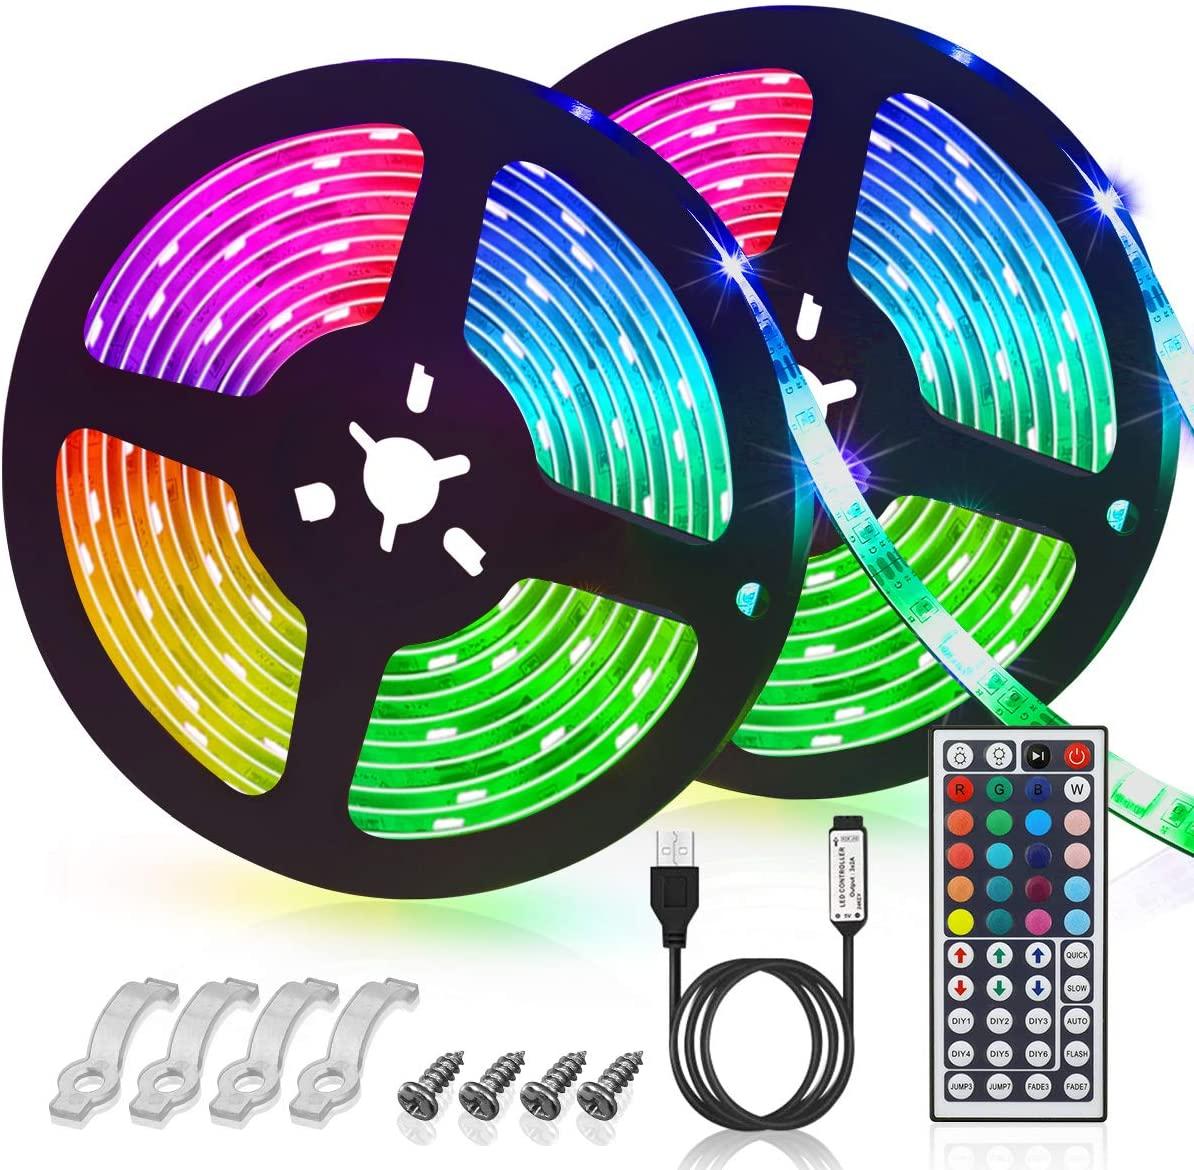 Bild zu 6 Meter Glime RGB LED-Streifen mit IR-Fernbedienung (2 x 3 Meter) für 8,49€